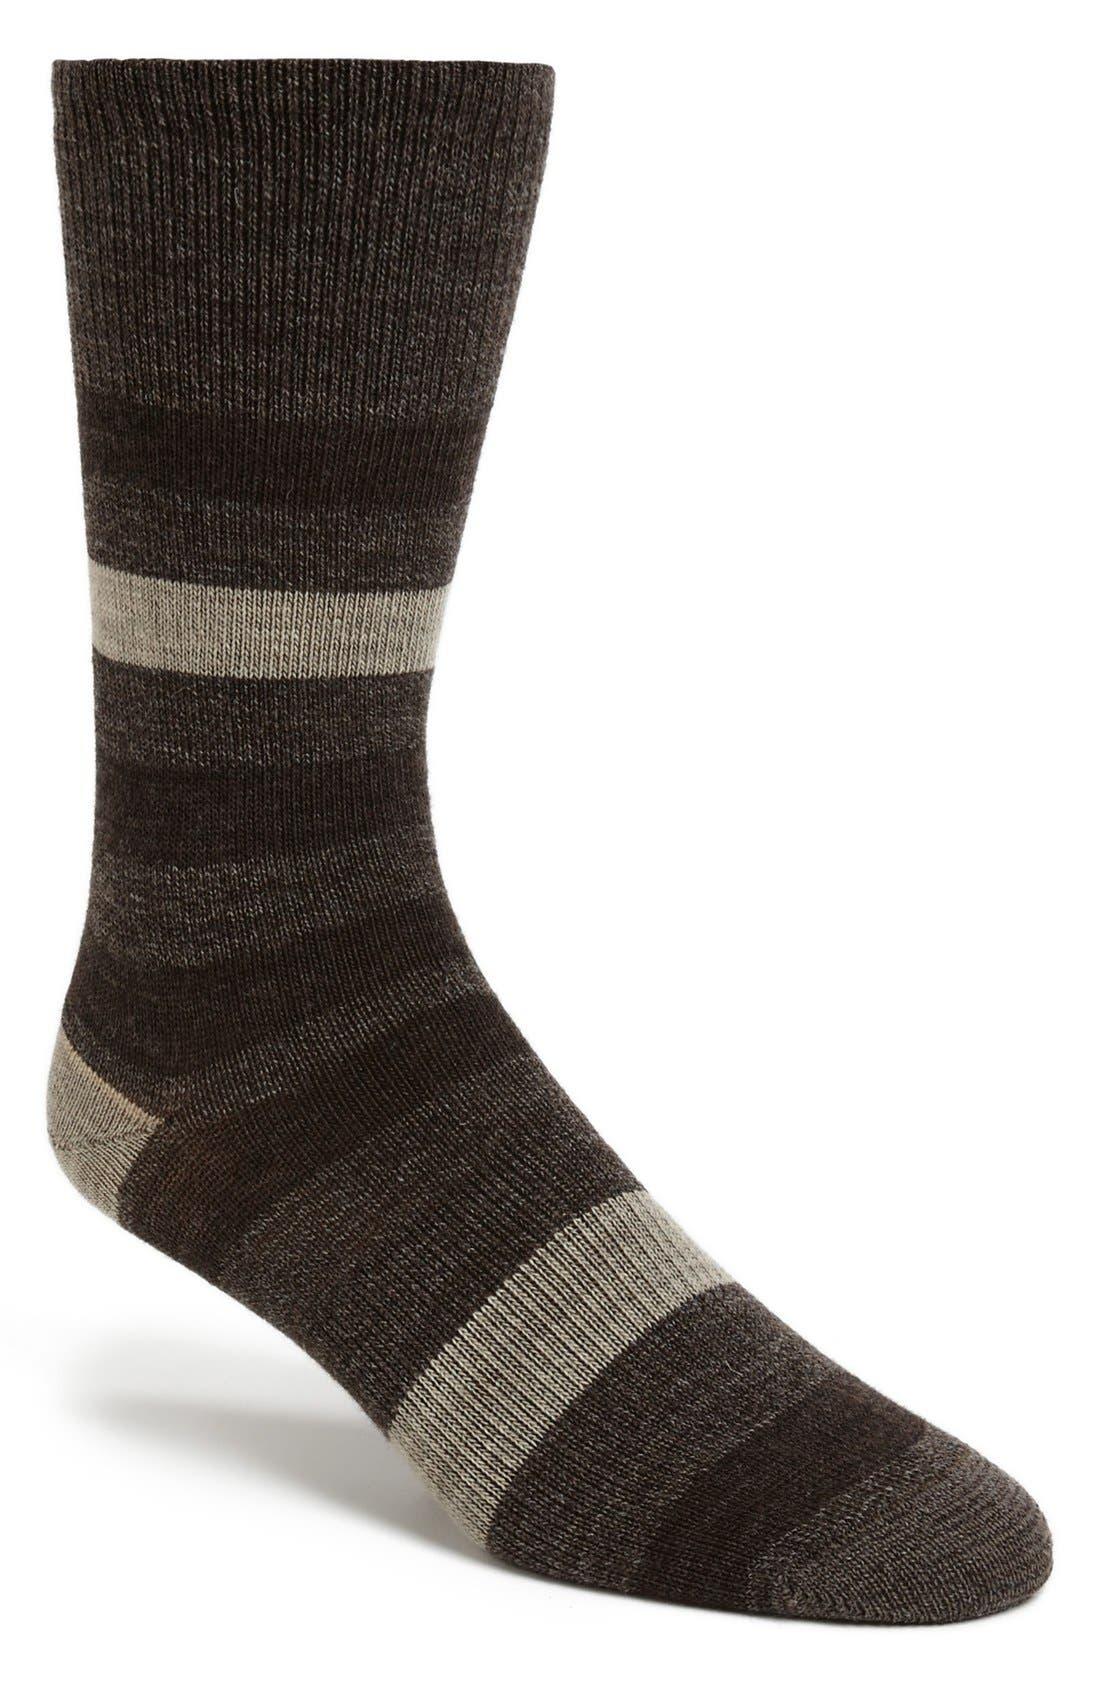 Alternate Image 1 Selected - Smartwool 'Trekker' Socks (Men)